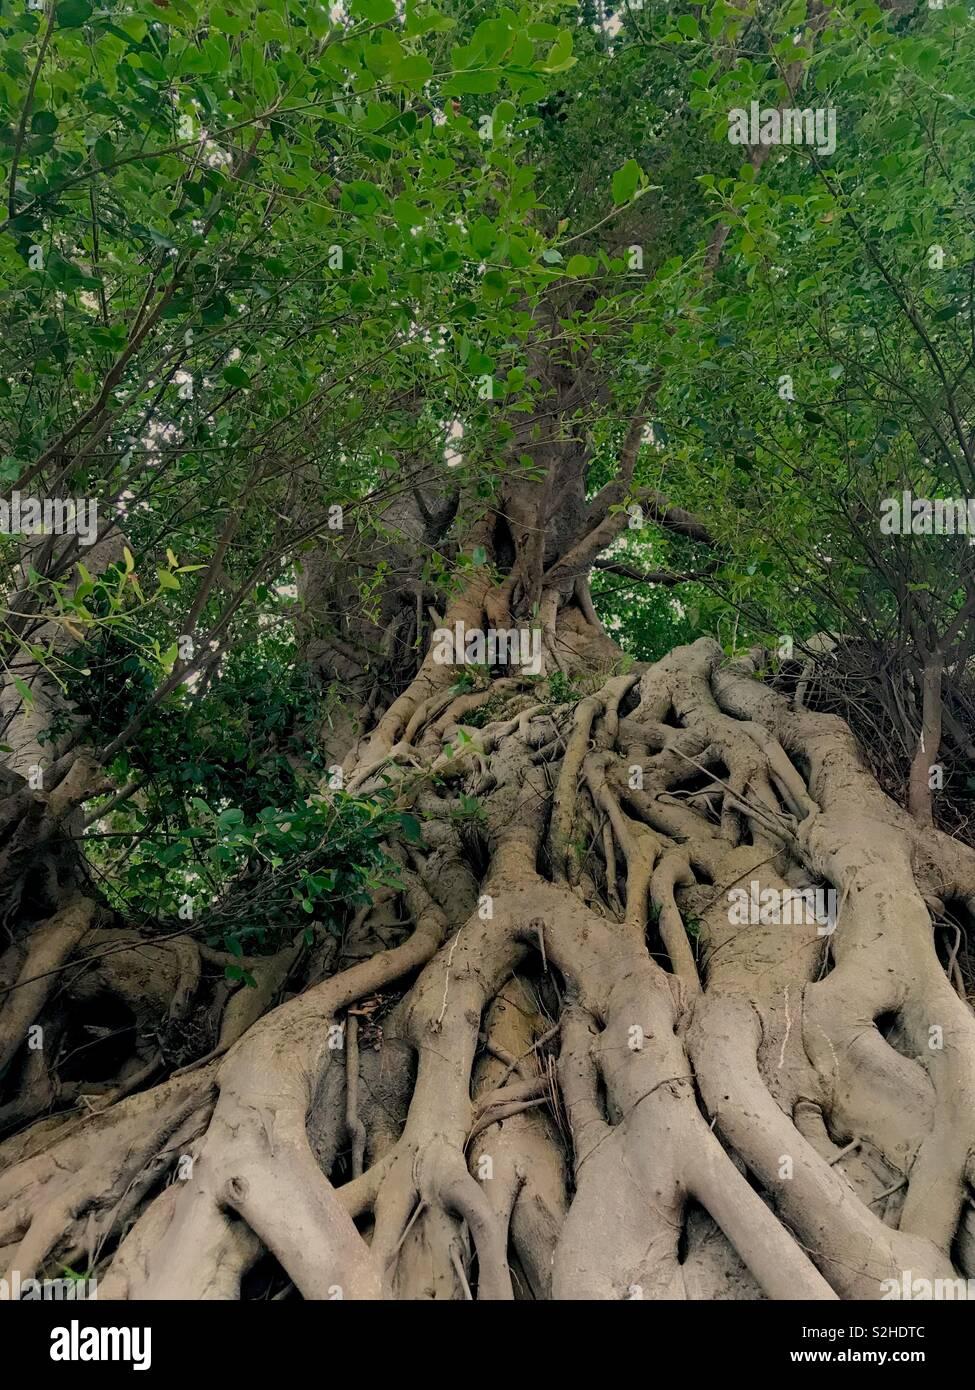 Hongkong city tree - Stock Image